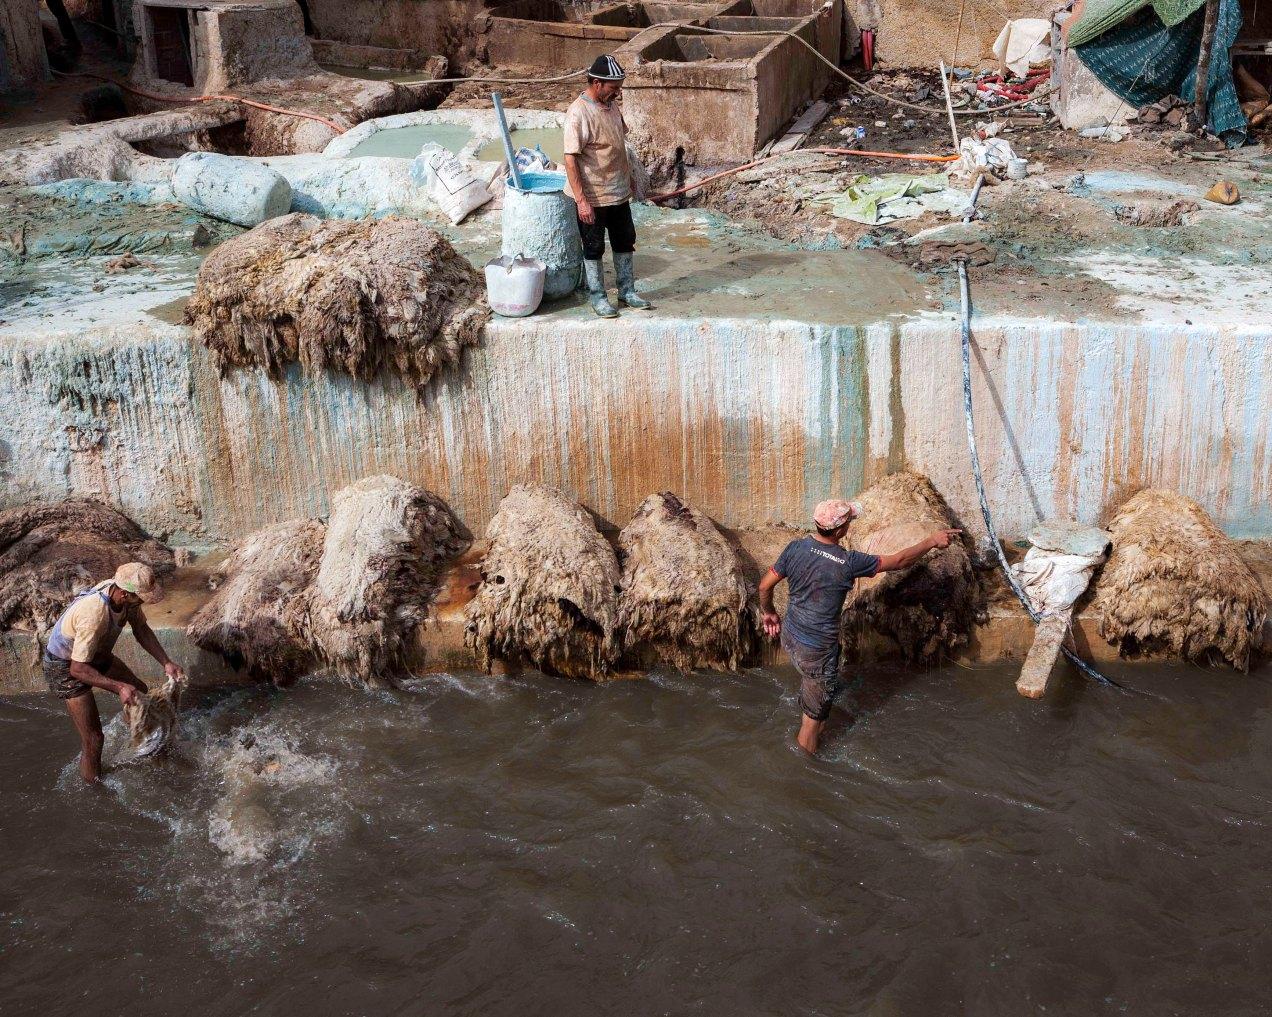 Le lavage des peaux, tanneries, Fès, médina, Maroc, gildalliere, 2014